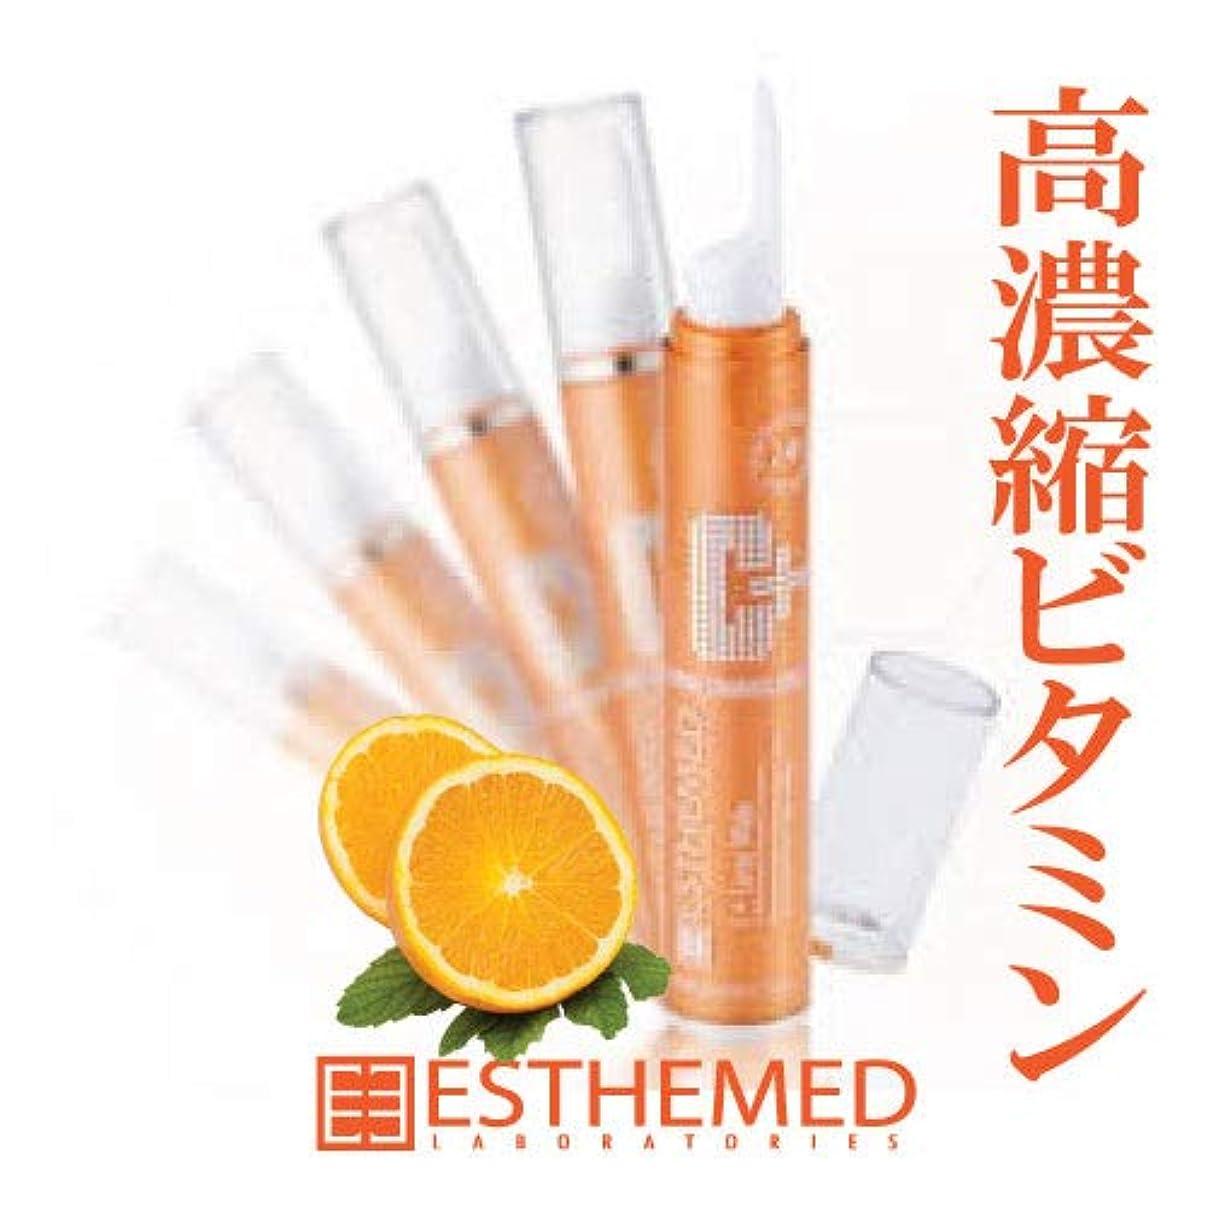 二幸運過度に[ESTHEMED][エステメド]純粋なビタミンCの驚くホワイトニングC+レーザーホワイト15ml/ビタミン、Whitening、レーザ